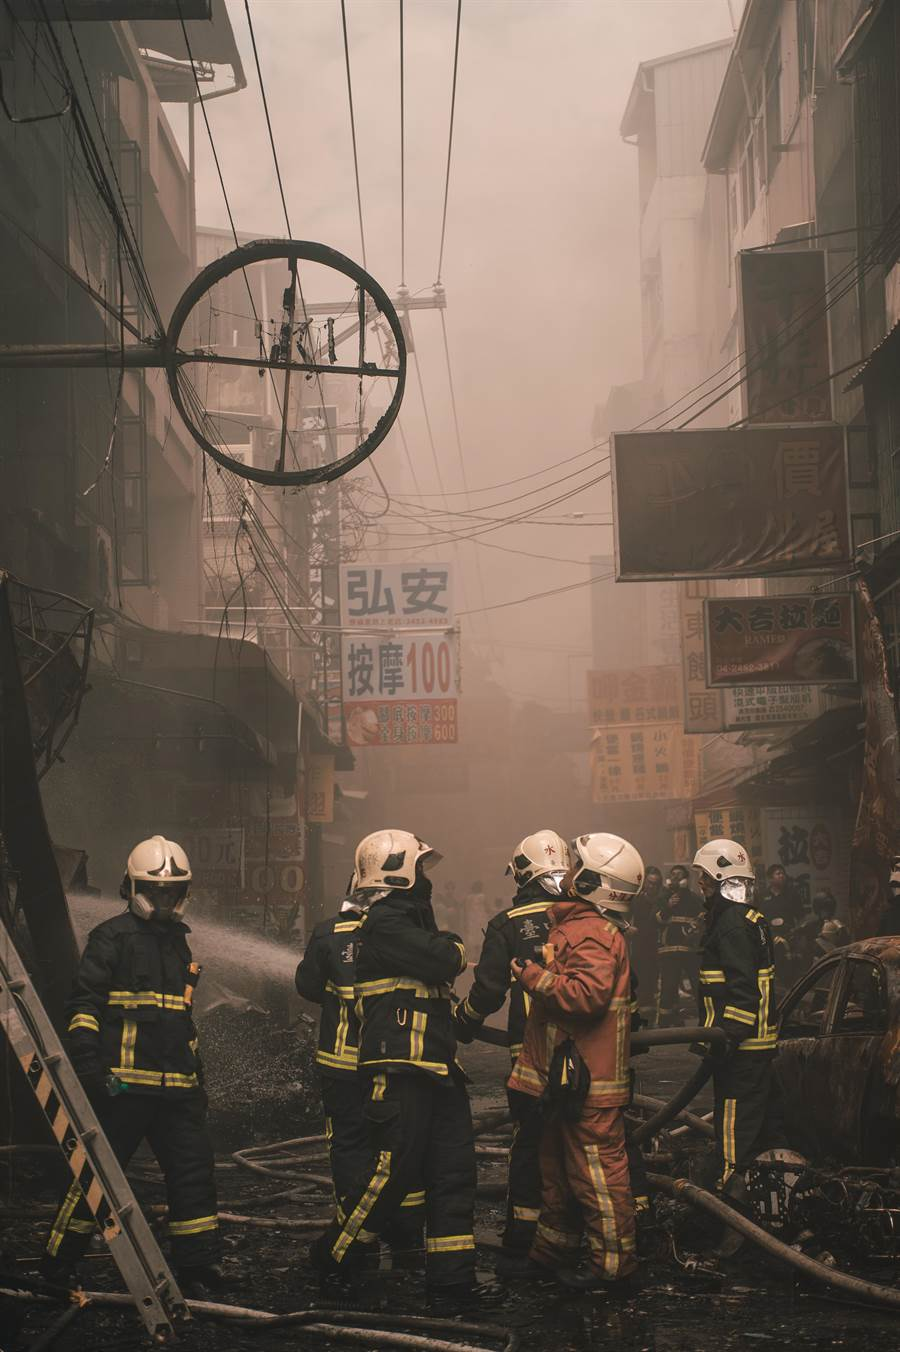 餐廳氣爆當時熊熊烈焰不斷竄出,火舌往2樓延伸,陳冠伶在火場中不幸喪生。(照片由消防局提供)